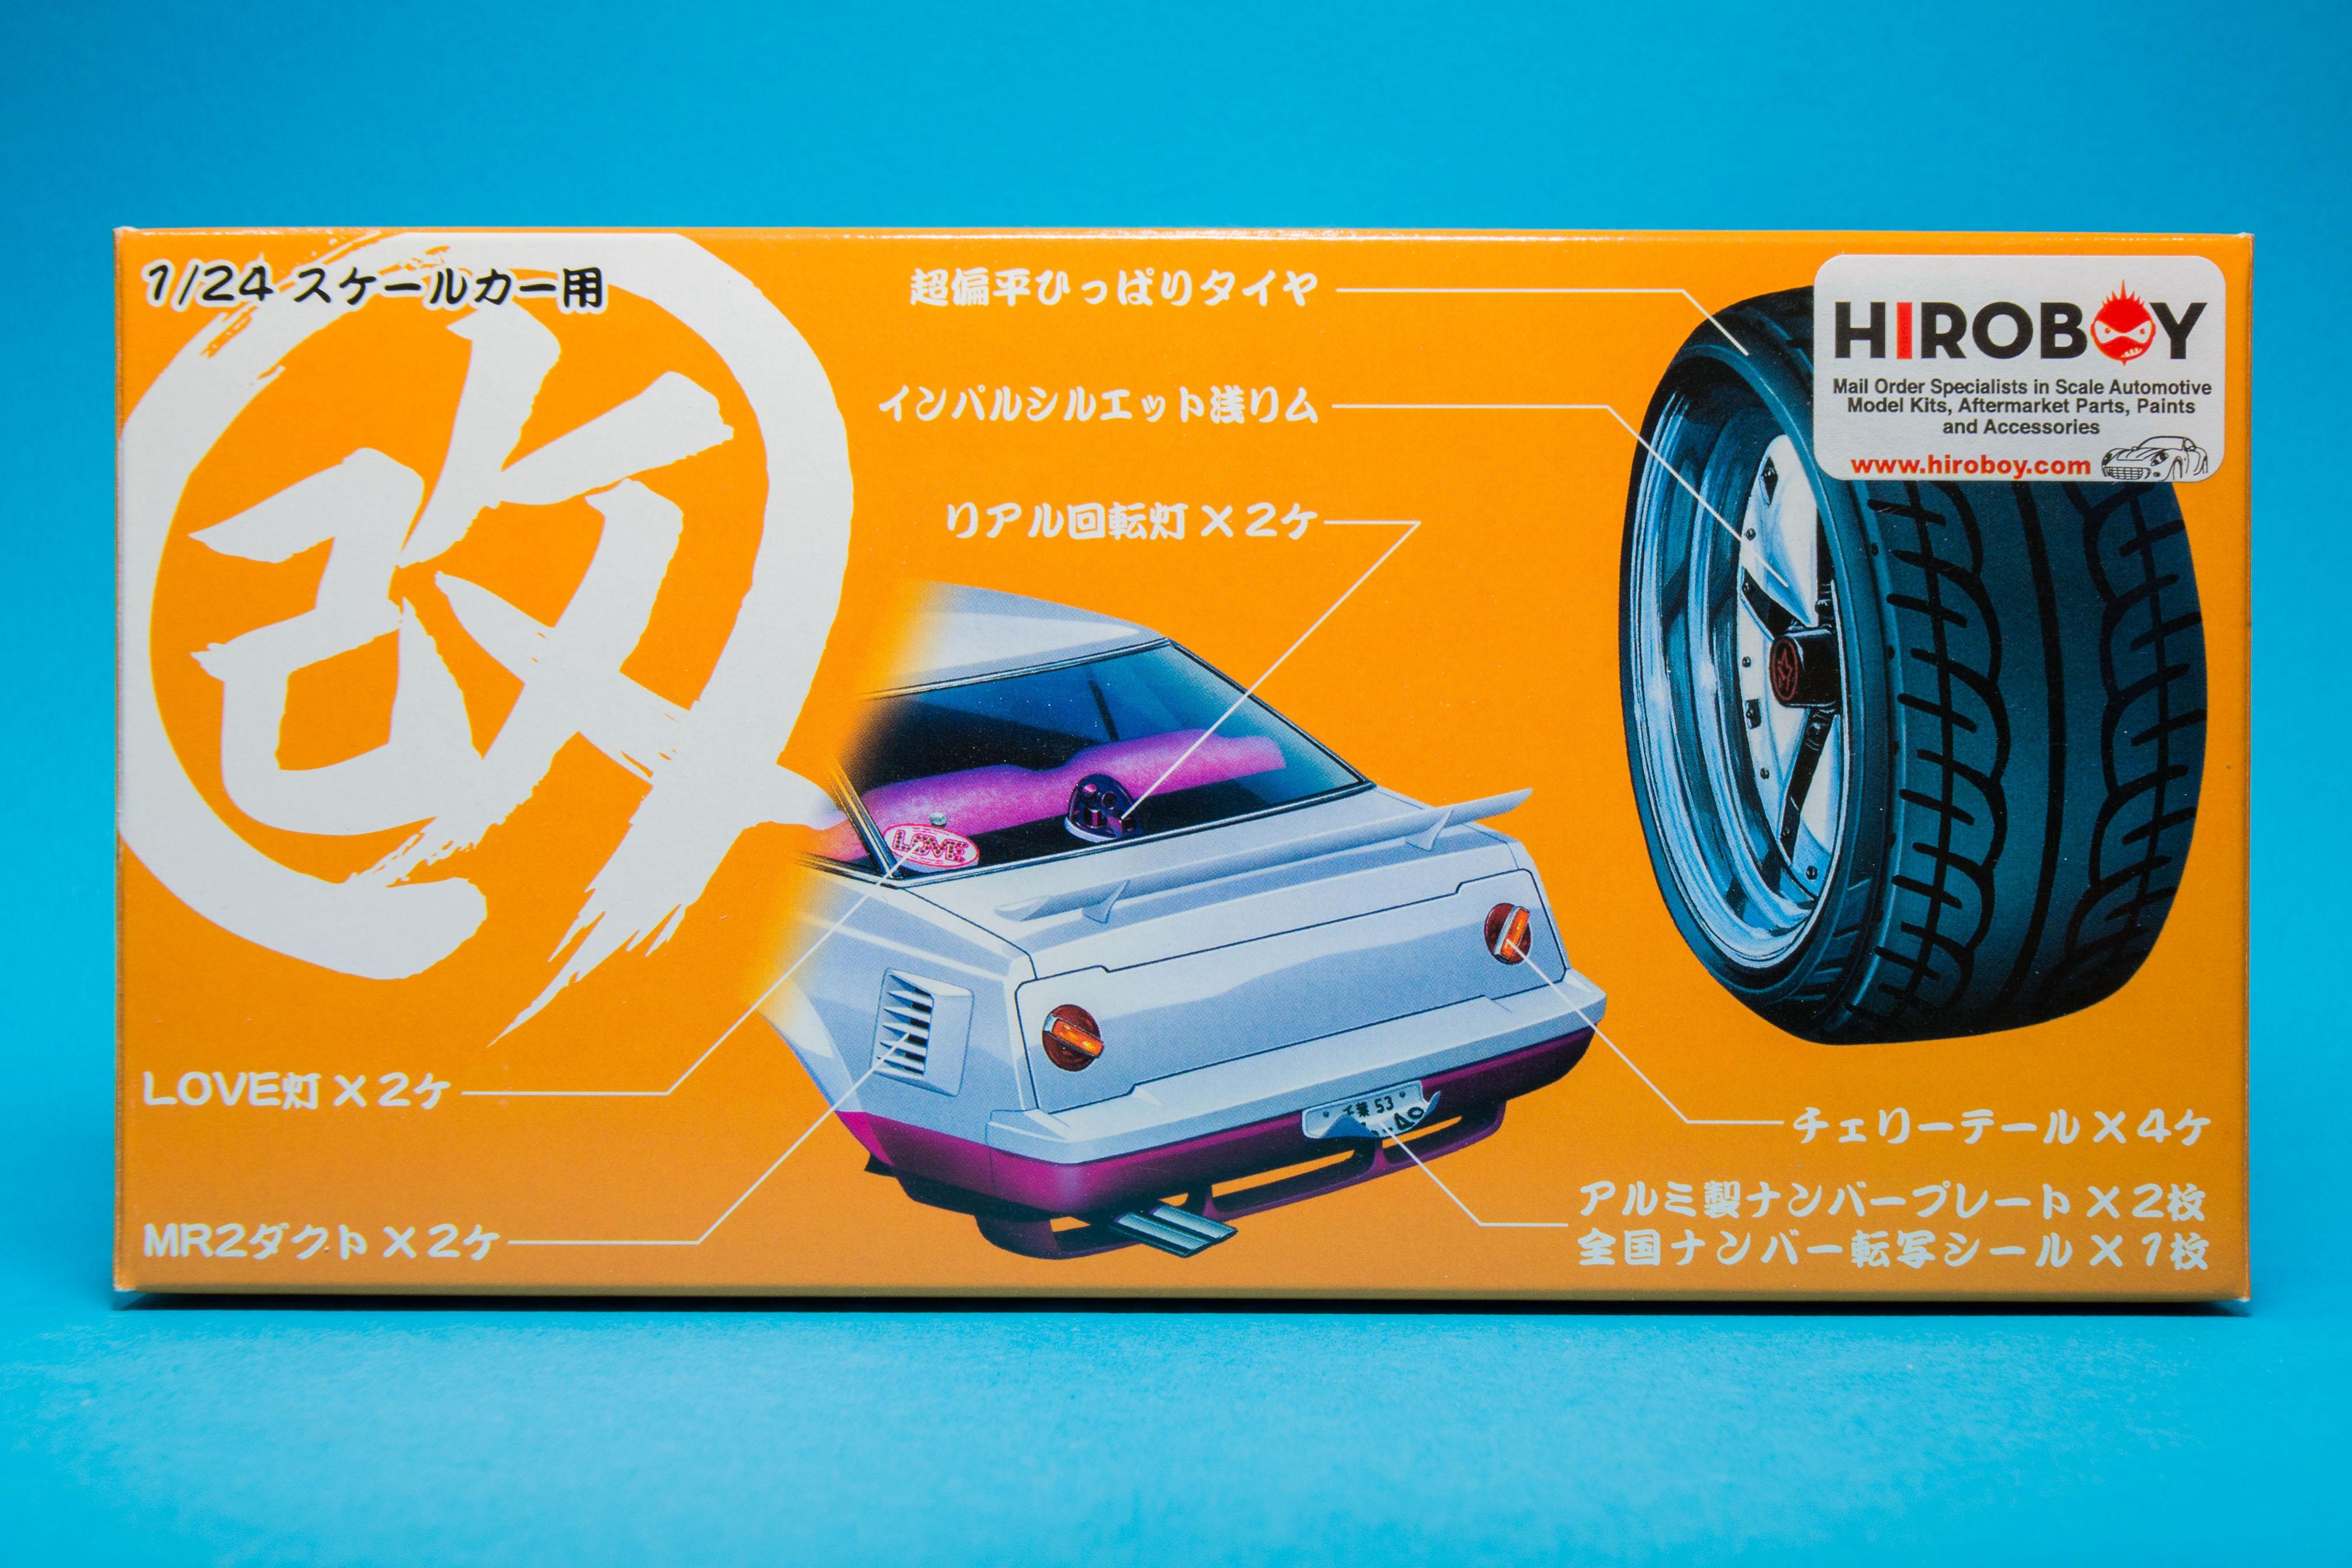 Aoshima 1/24 Impul Silhouette Wheels & Kai Parts – ELP Modelling